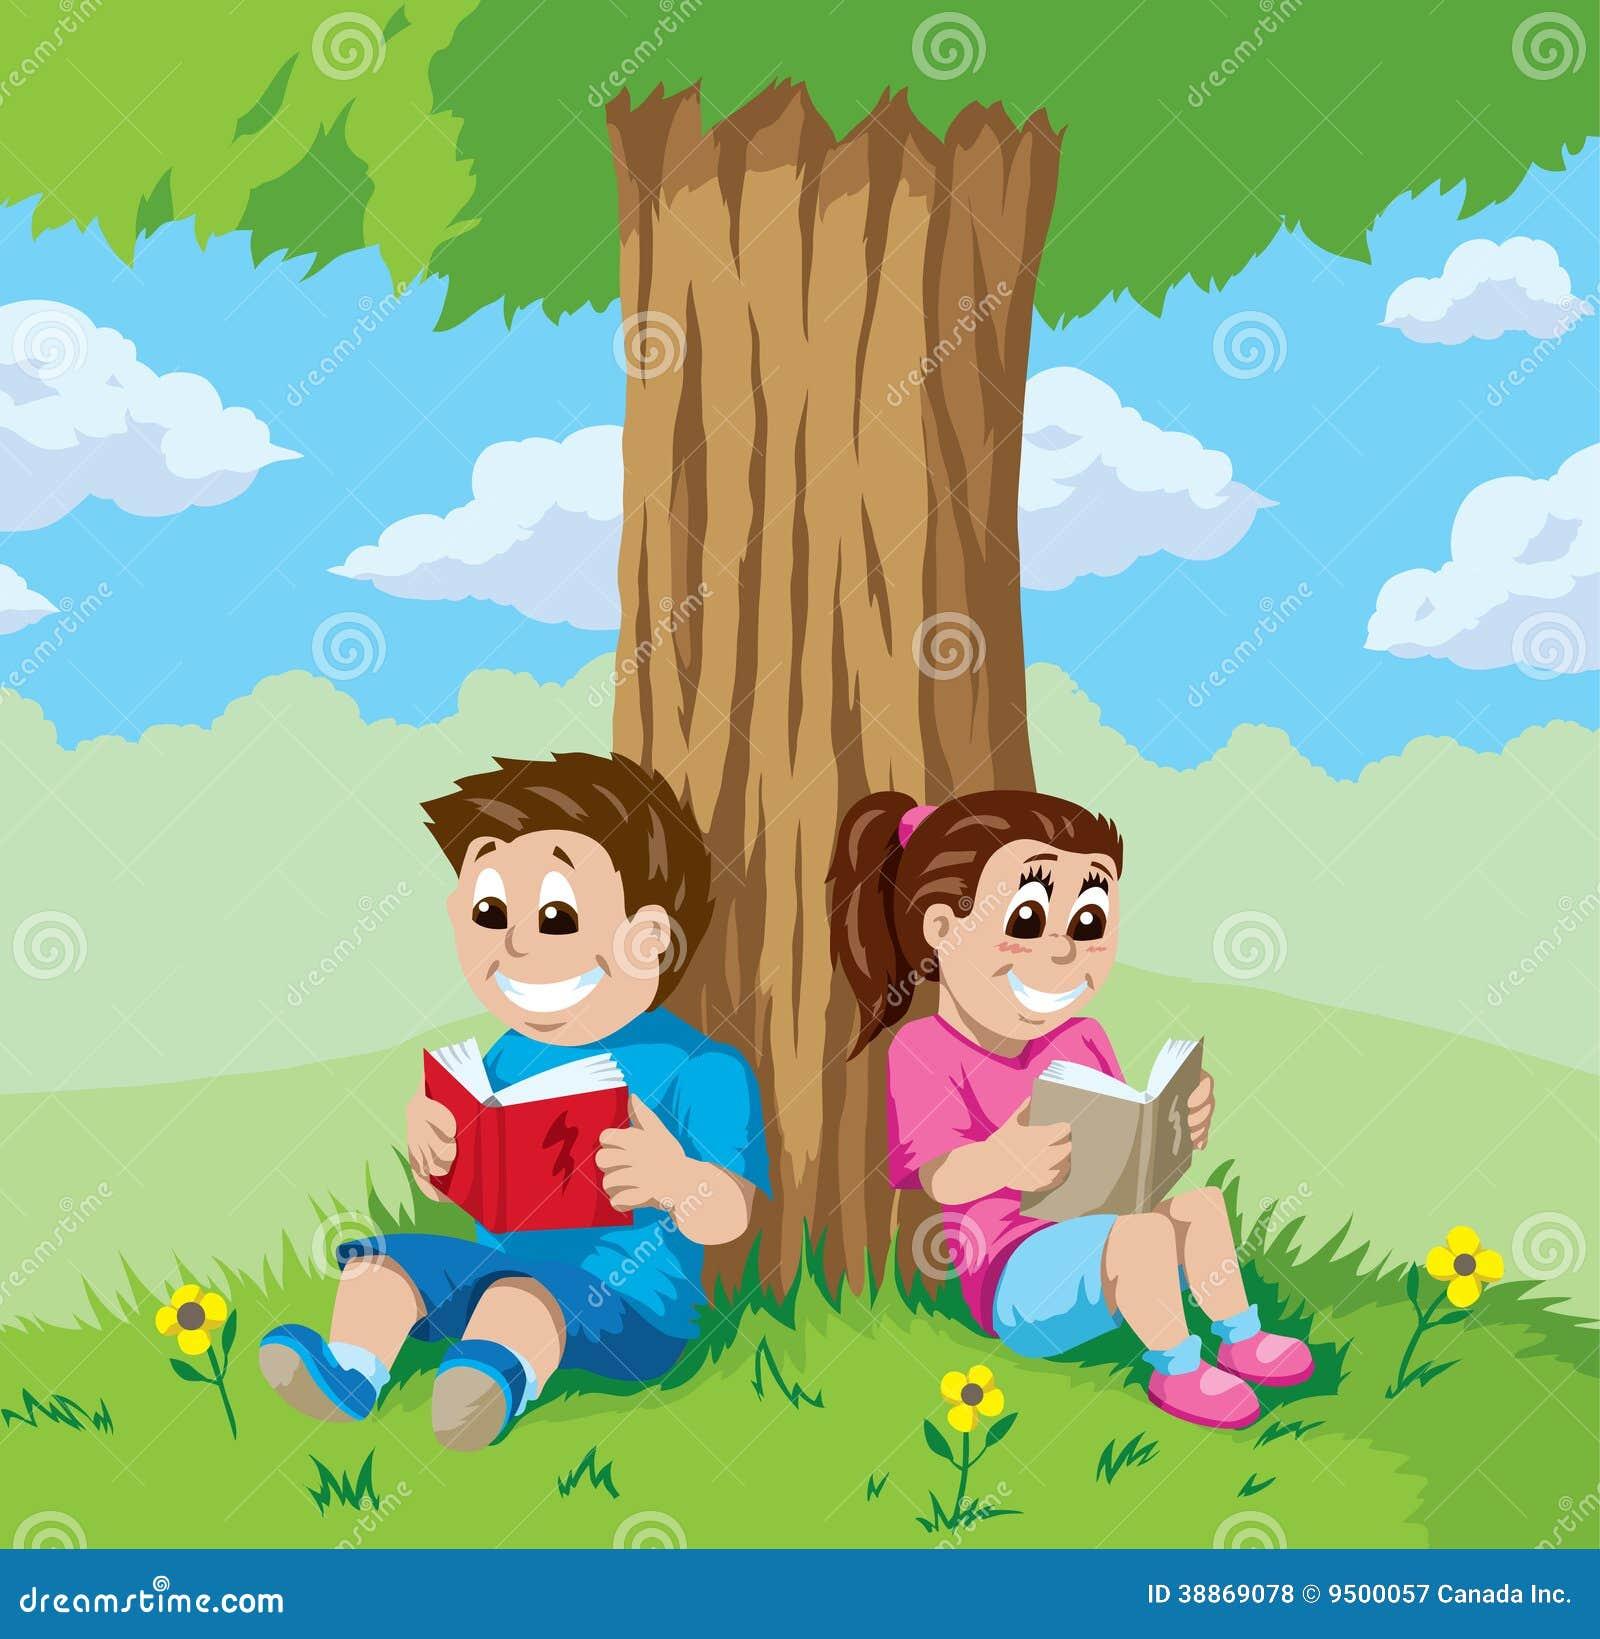 Jeune Fille sous un arbre Paris Muses